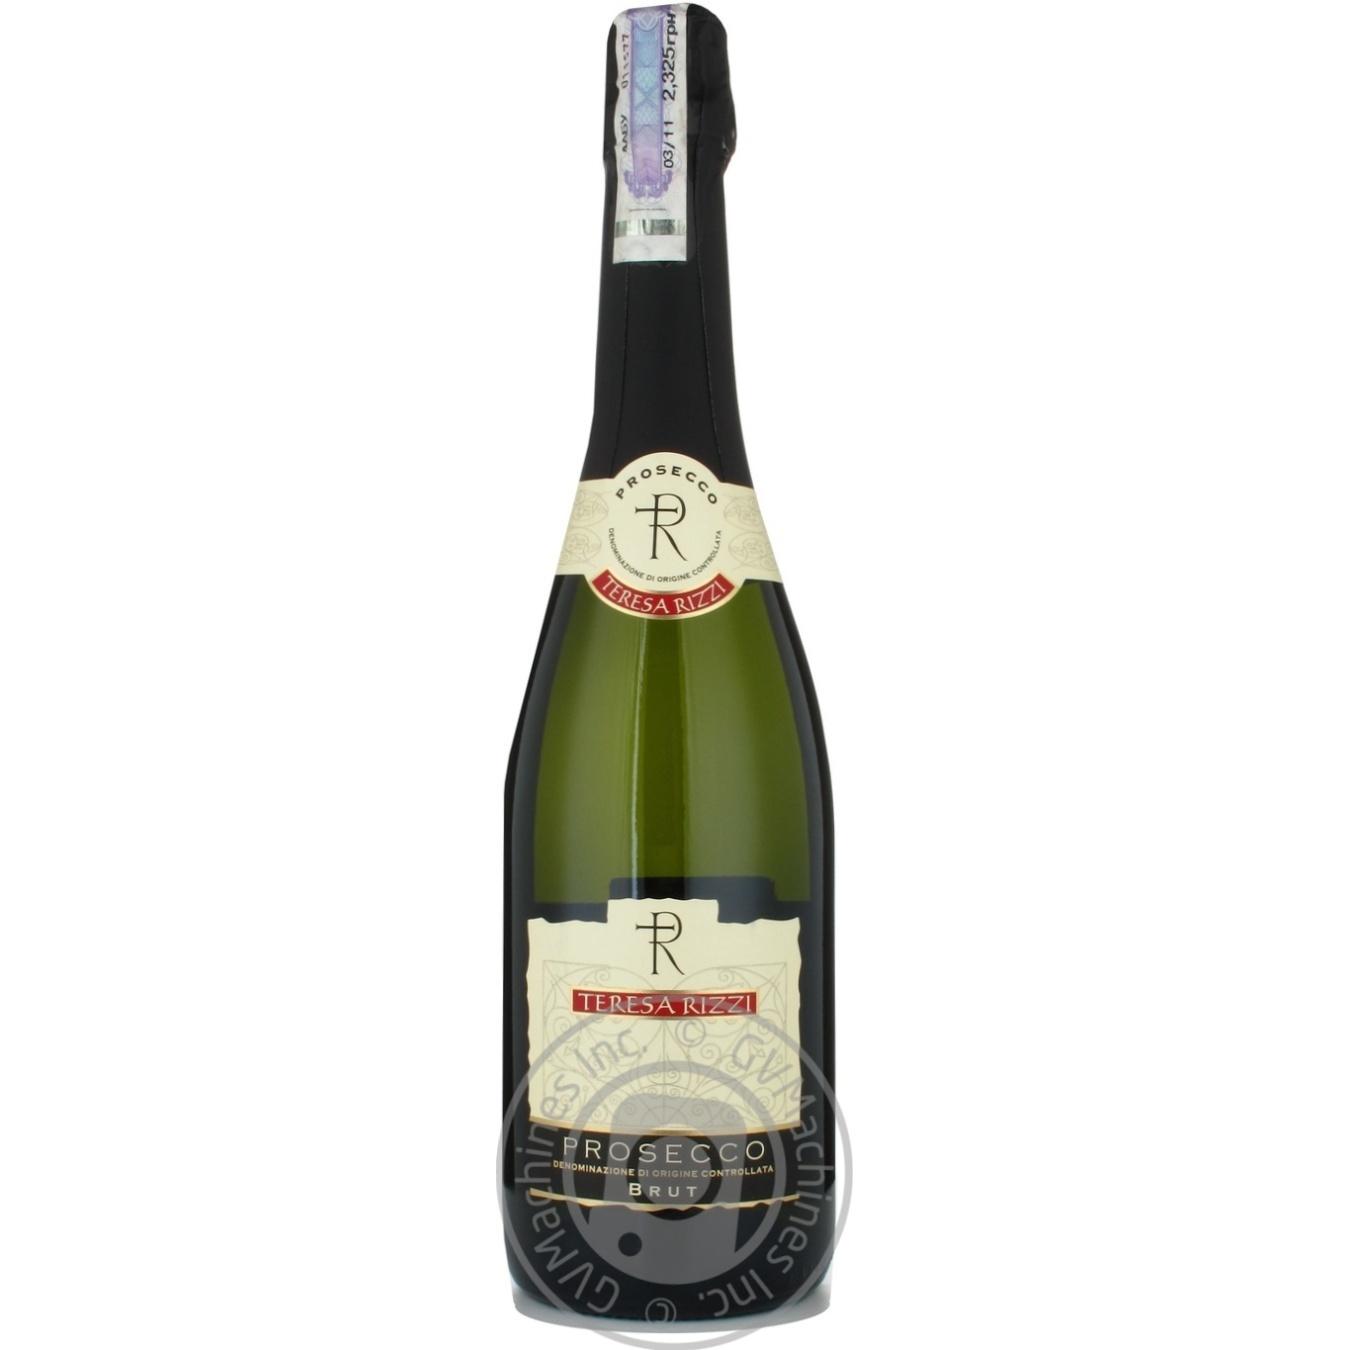 Купить 499676, Вино игристое Teresa Rizzi Prosecco Brut белое сухое 11% 0, 75л